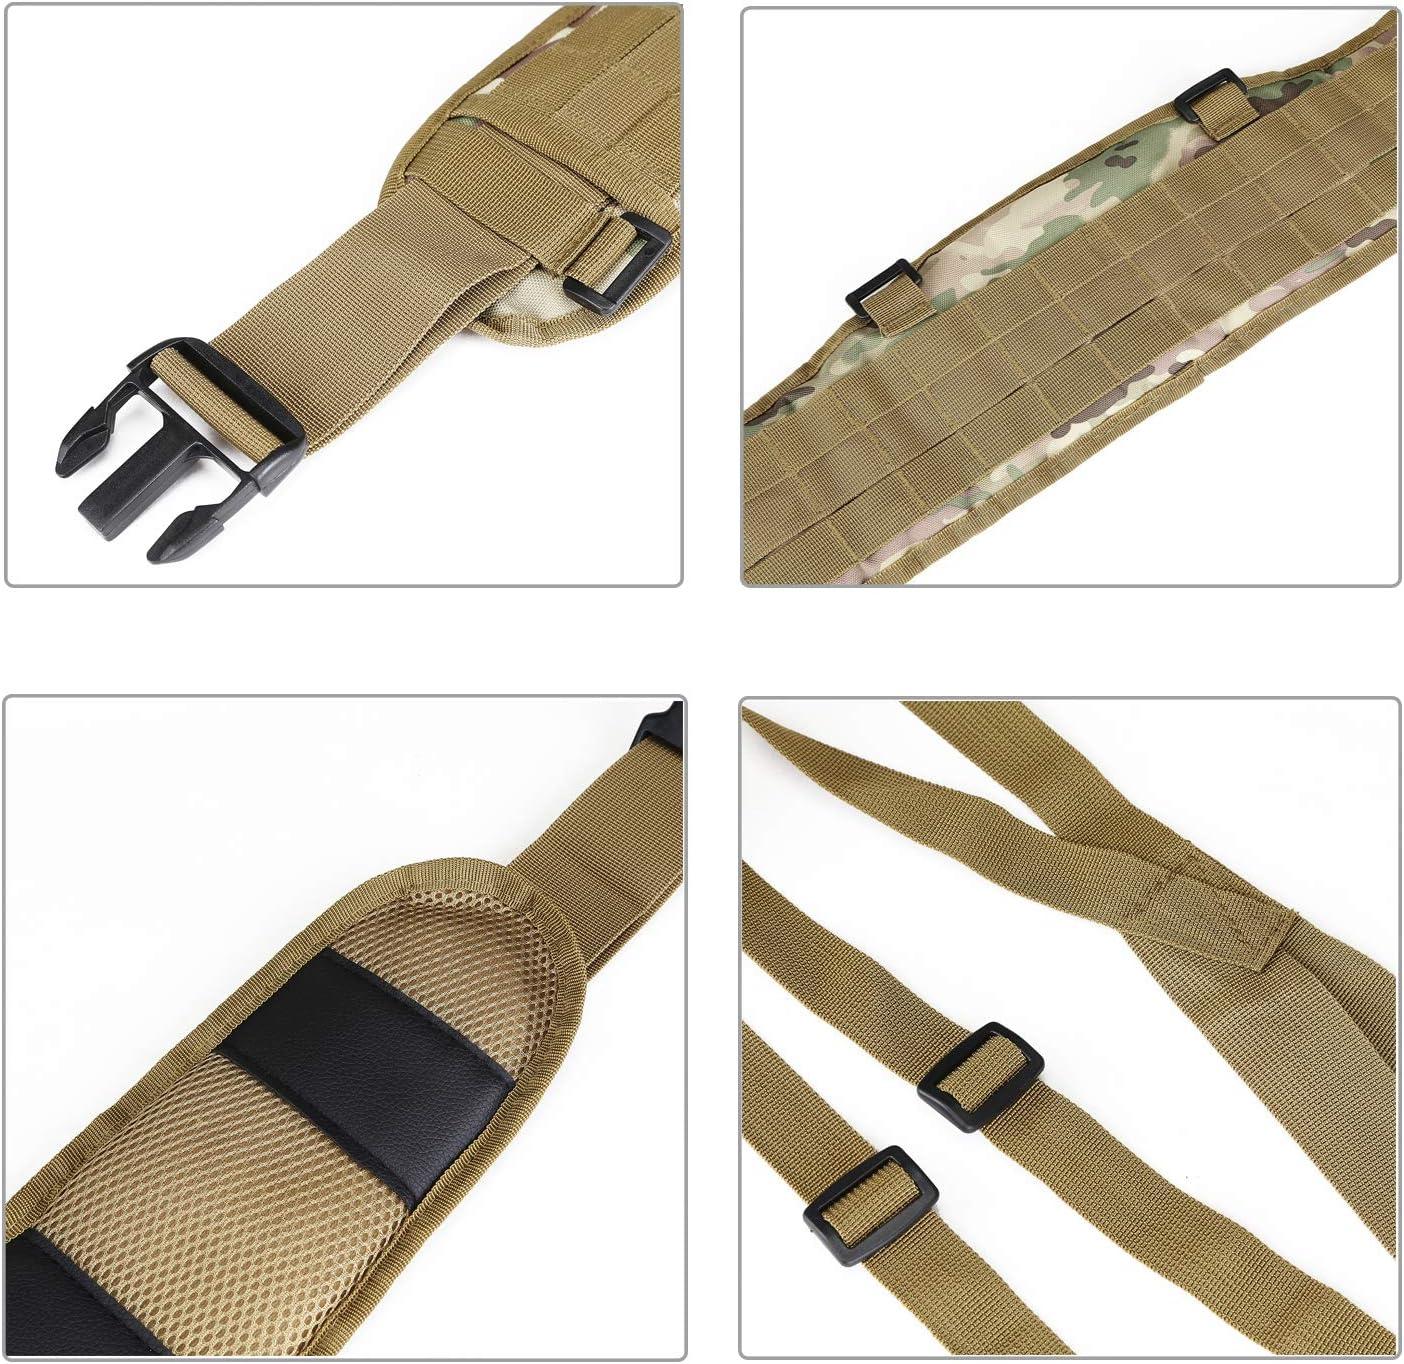 YAHILL/® Molle Cintur/ón T/áctico Ajustable Militar de Seguridad Equipo de Pistolas de Aire S/ísmicas de Combate con Correa Gratis por Deporte al Aire Libre